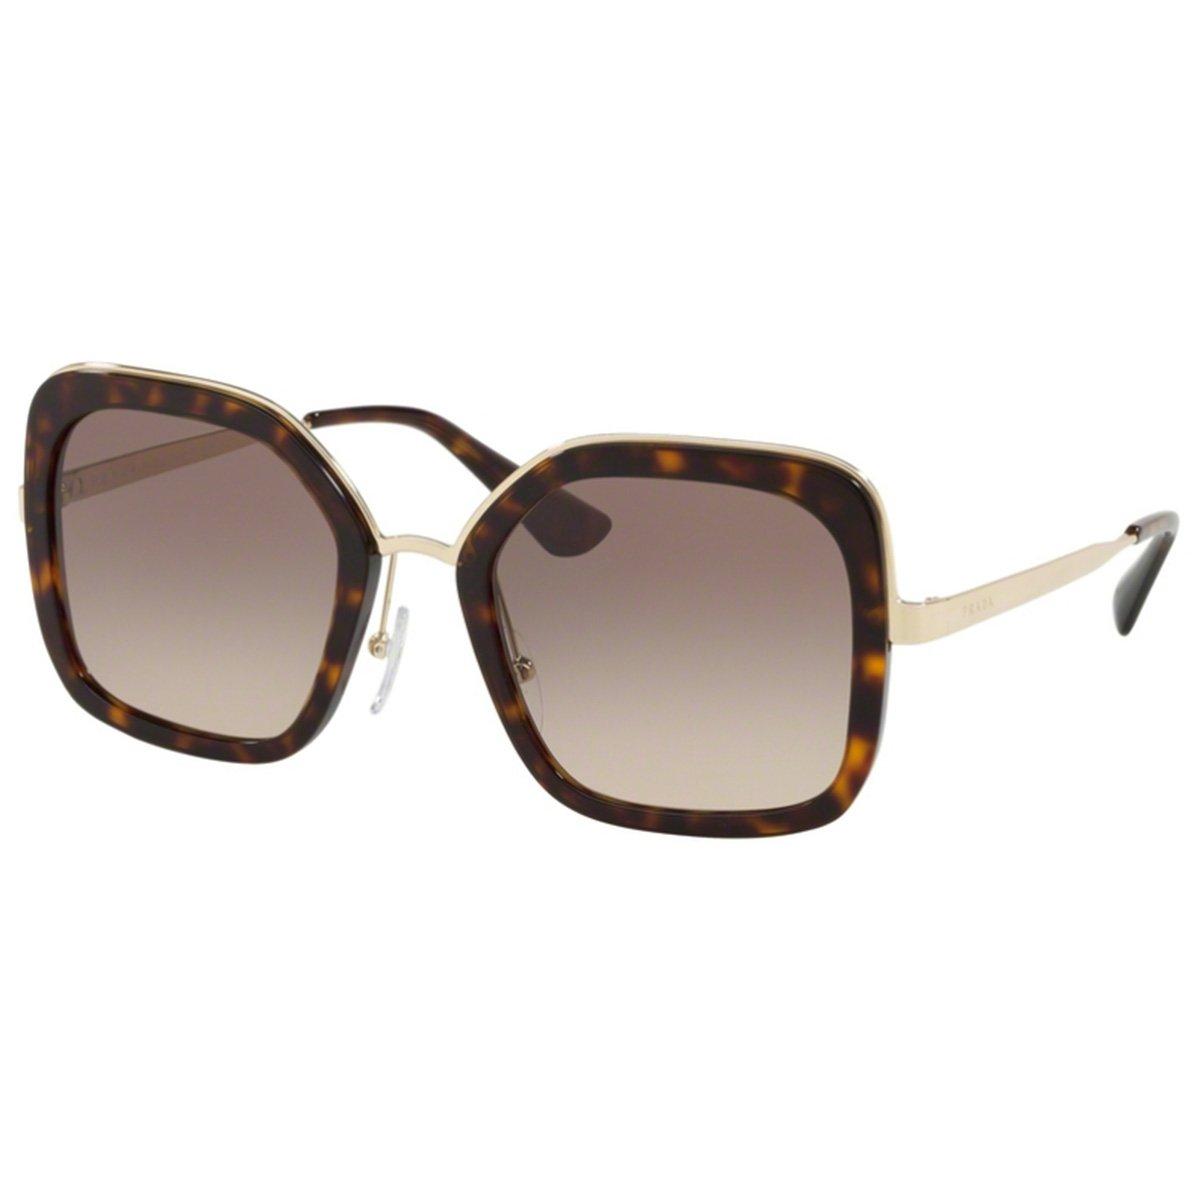 612cb6aebee3f Compre Óculos de Sol Prada em 10X